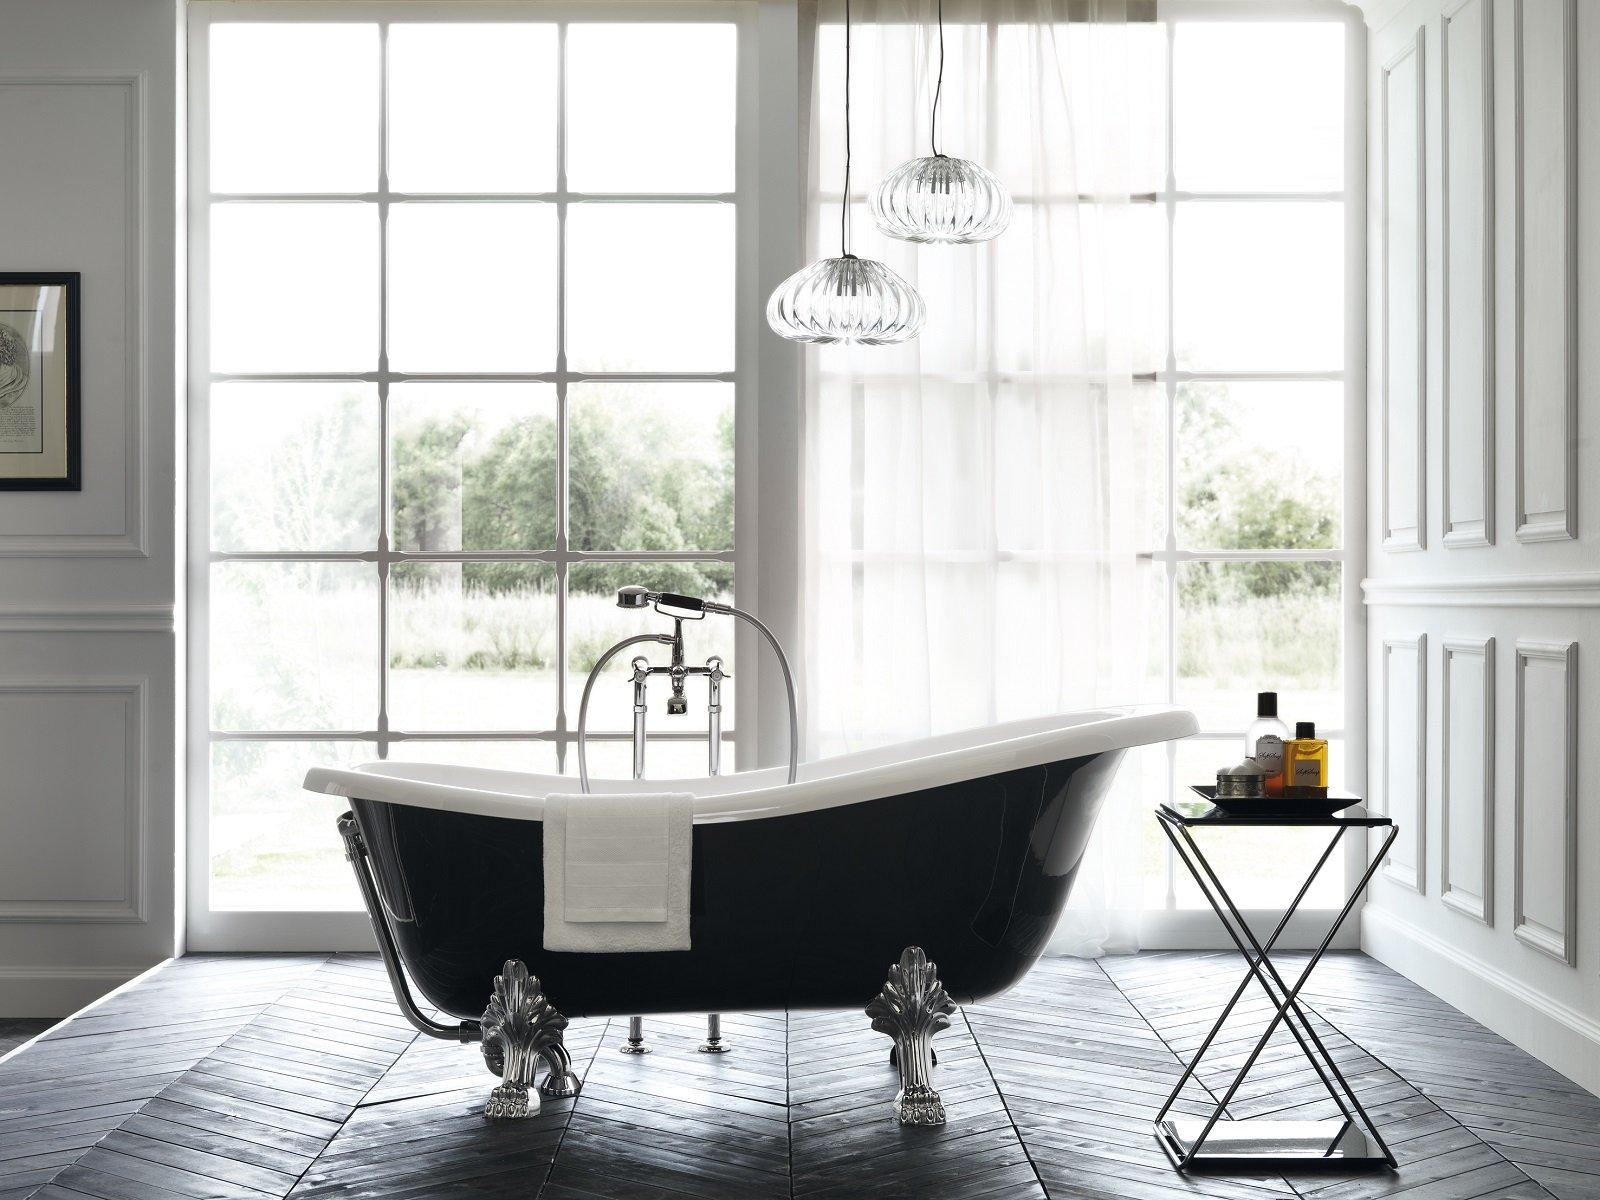 Vasca Da Bagno Incasso O Pannellata : Da incasso o da libero posizionamento le vasche di misura standard